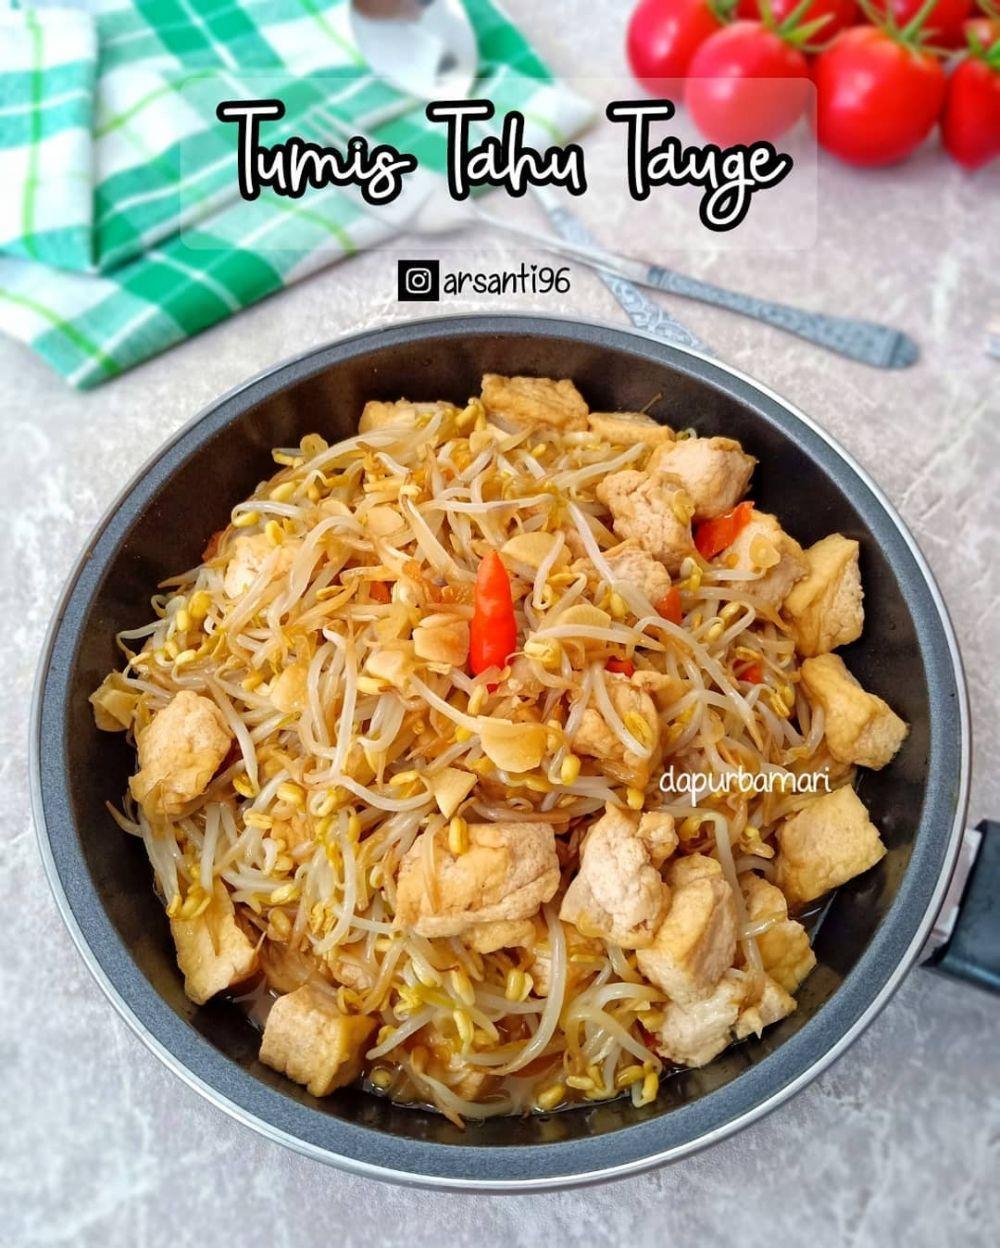 Resep Masakan Murah Dan Enak Instagram Di 2021 Resep Masakan Masakan Resep Masakan Cina